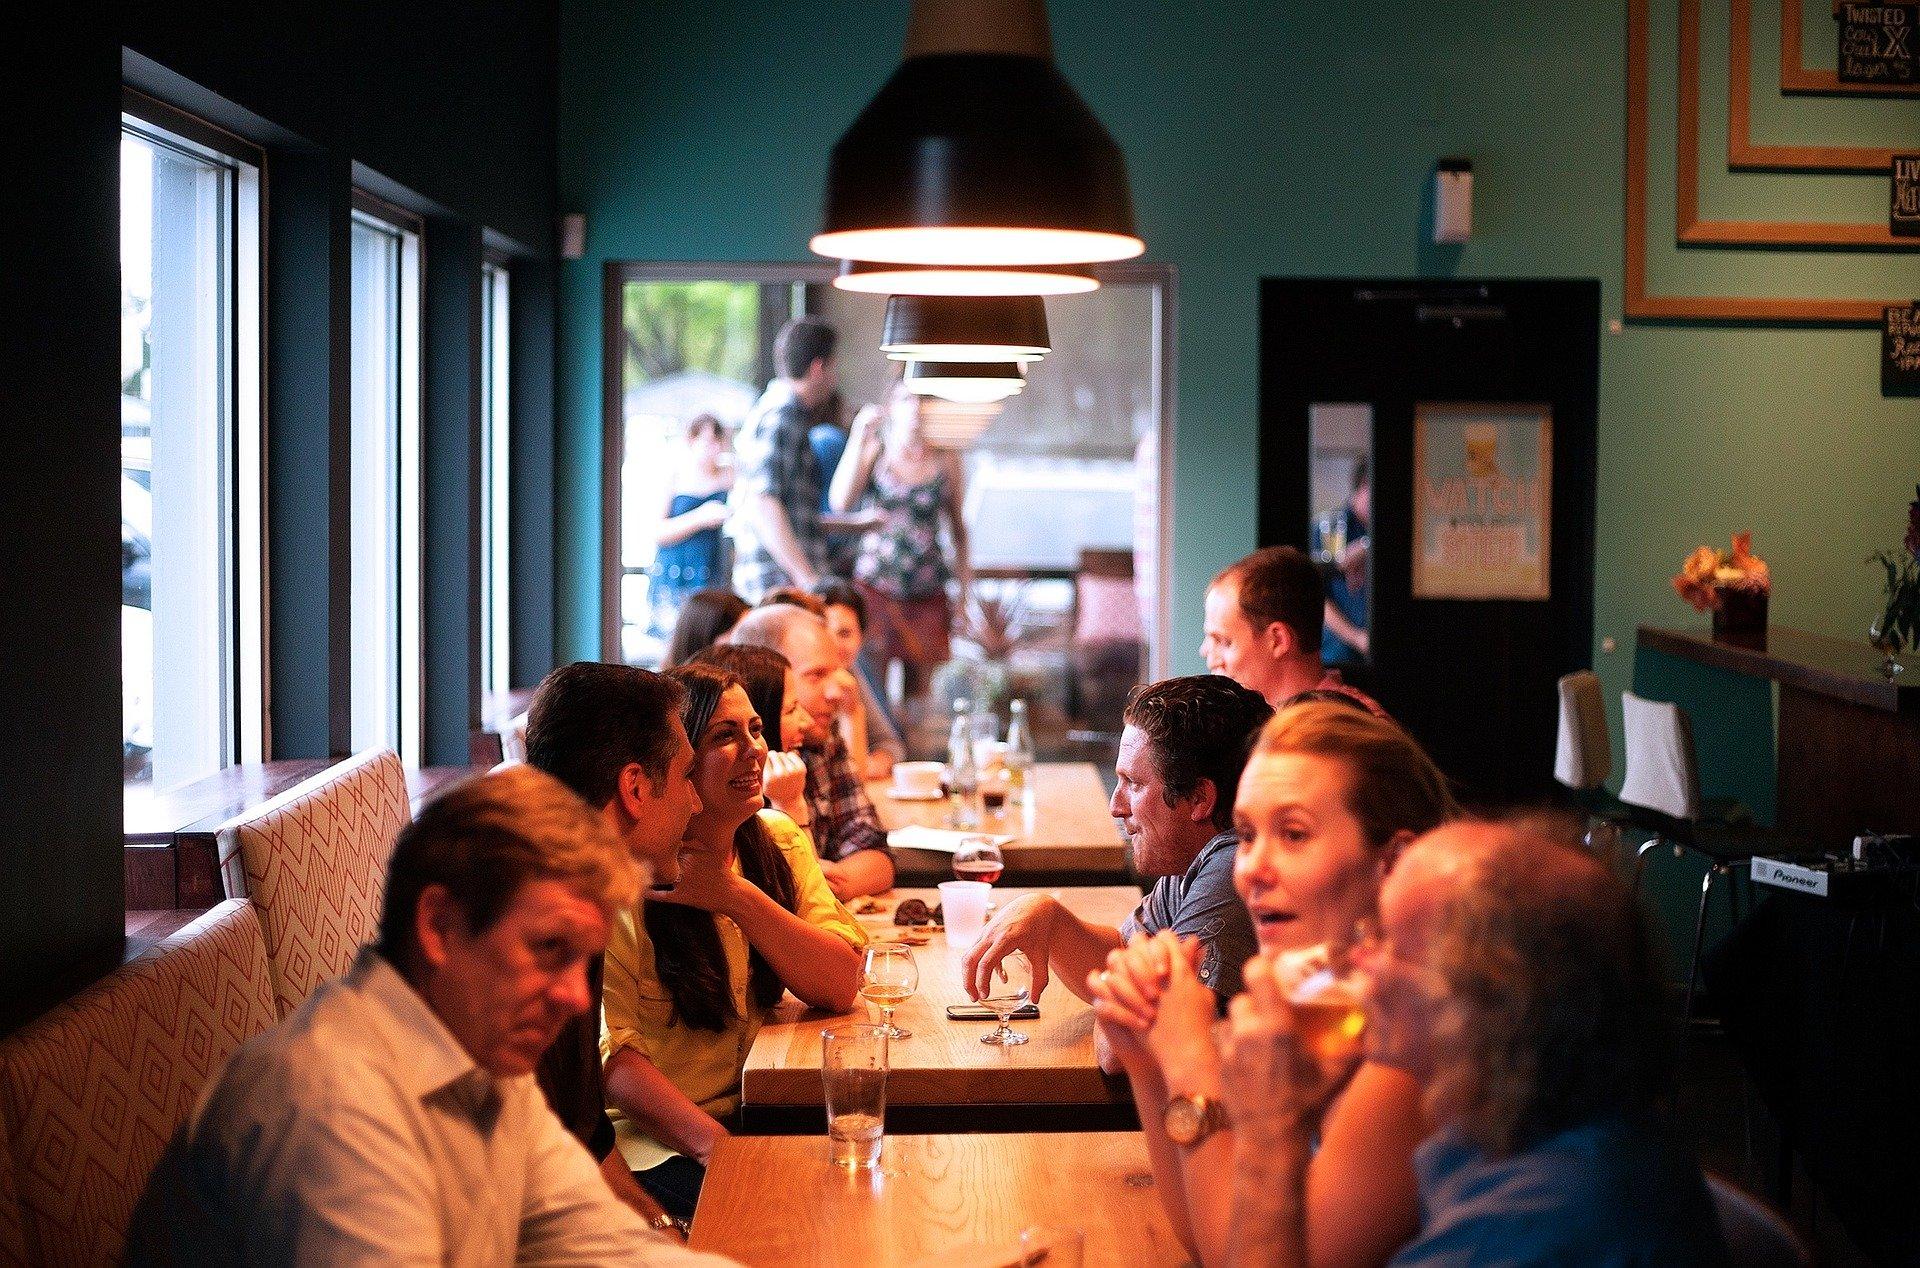 Ruido en Restaurante